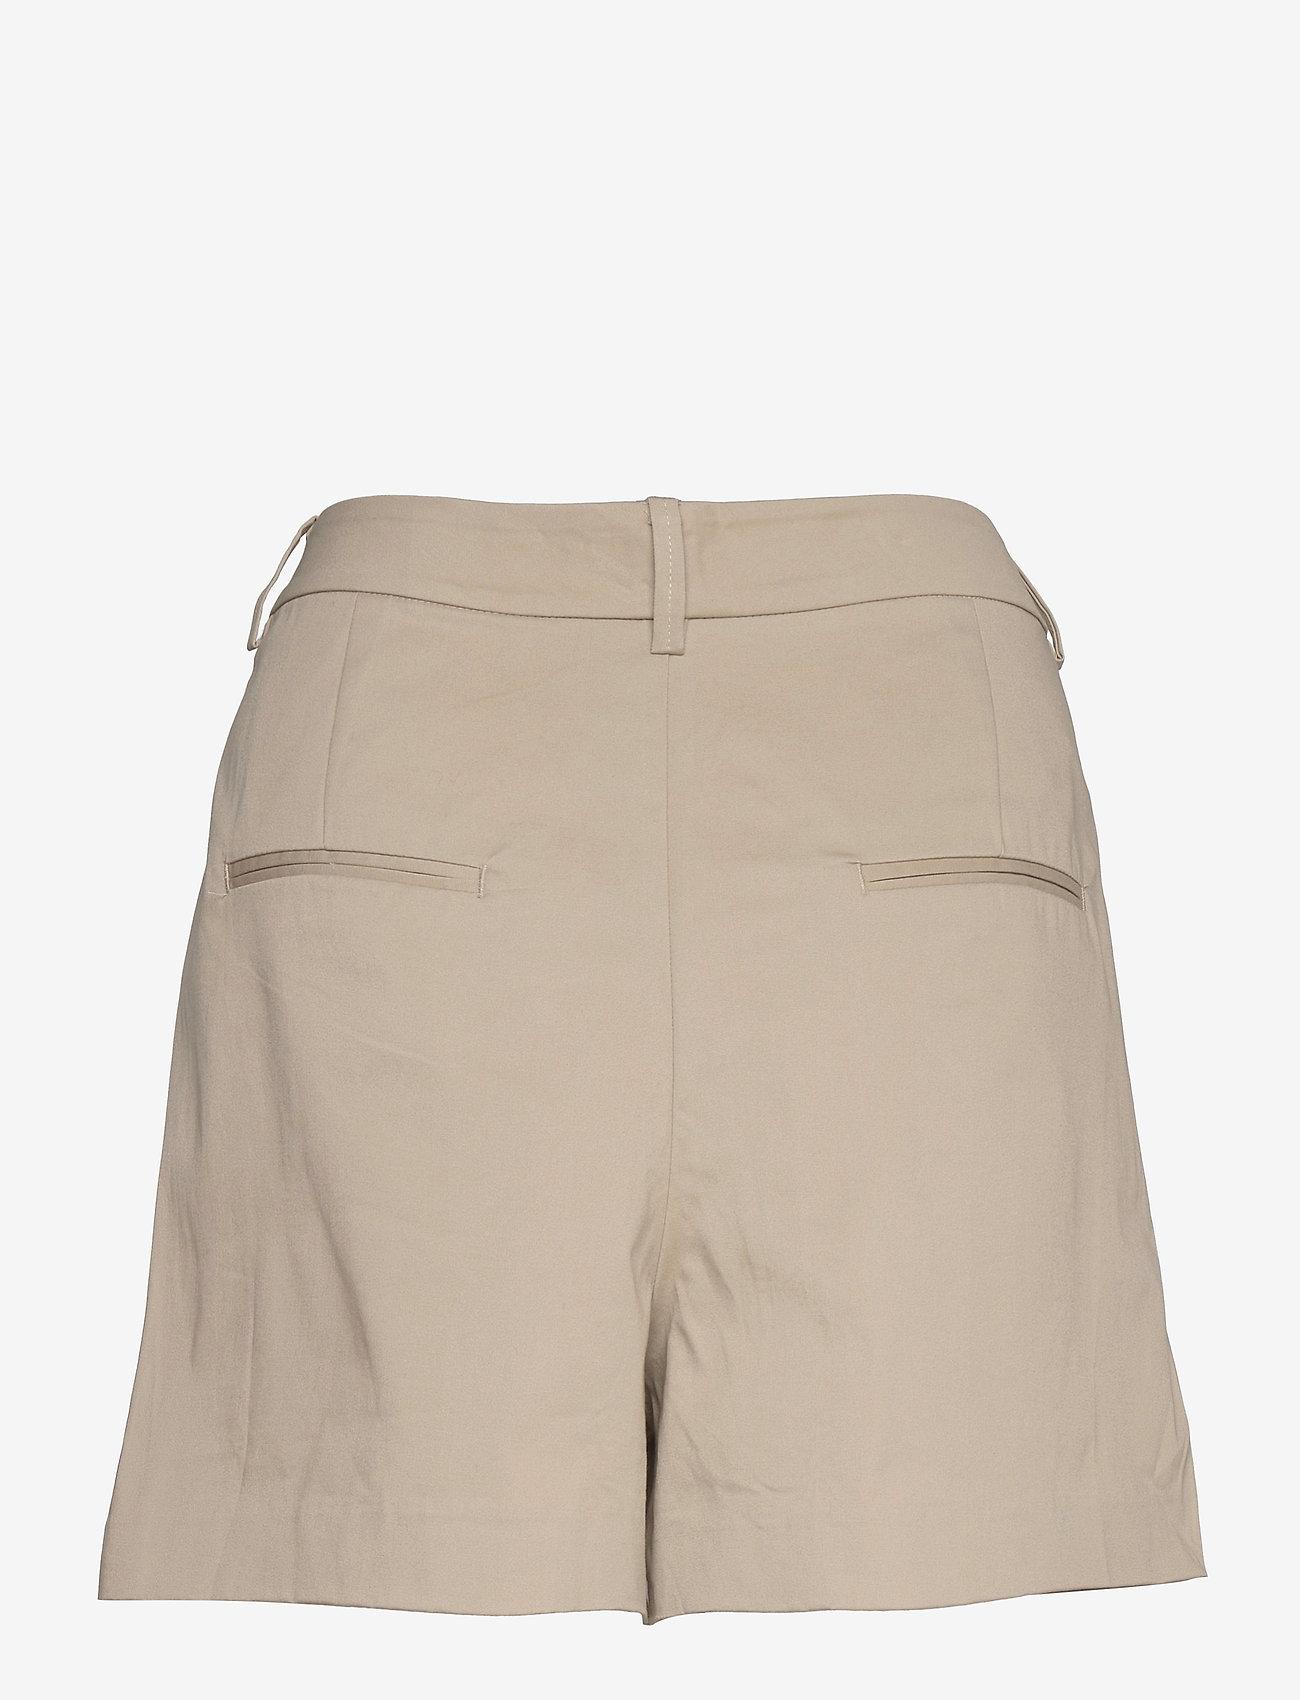 Mango - CHINO - chino shorts - stone - 1